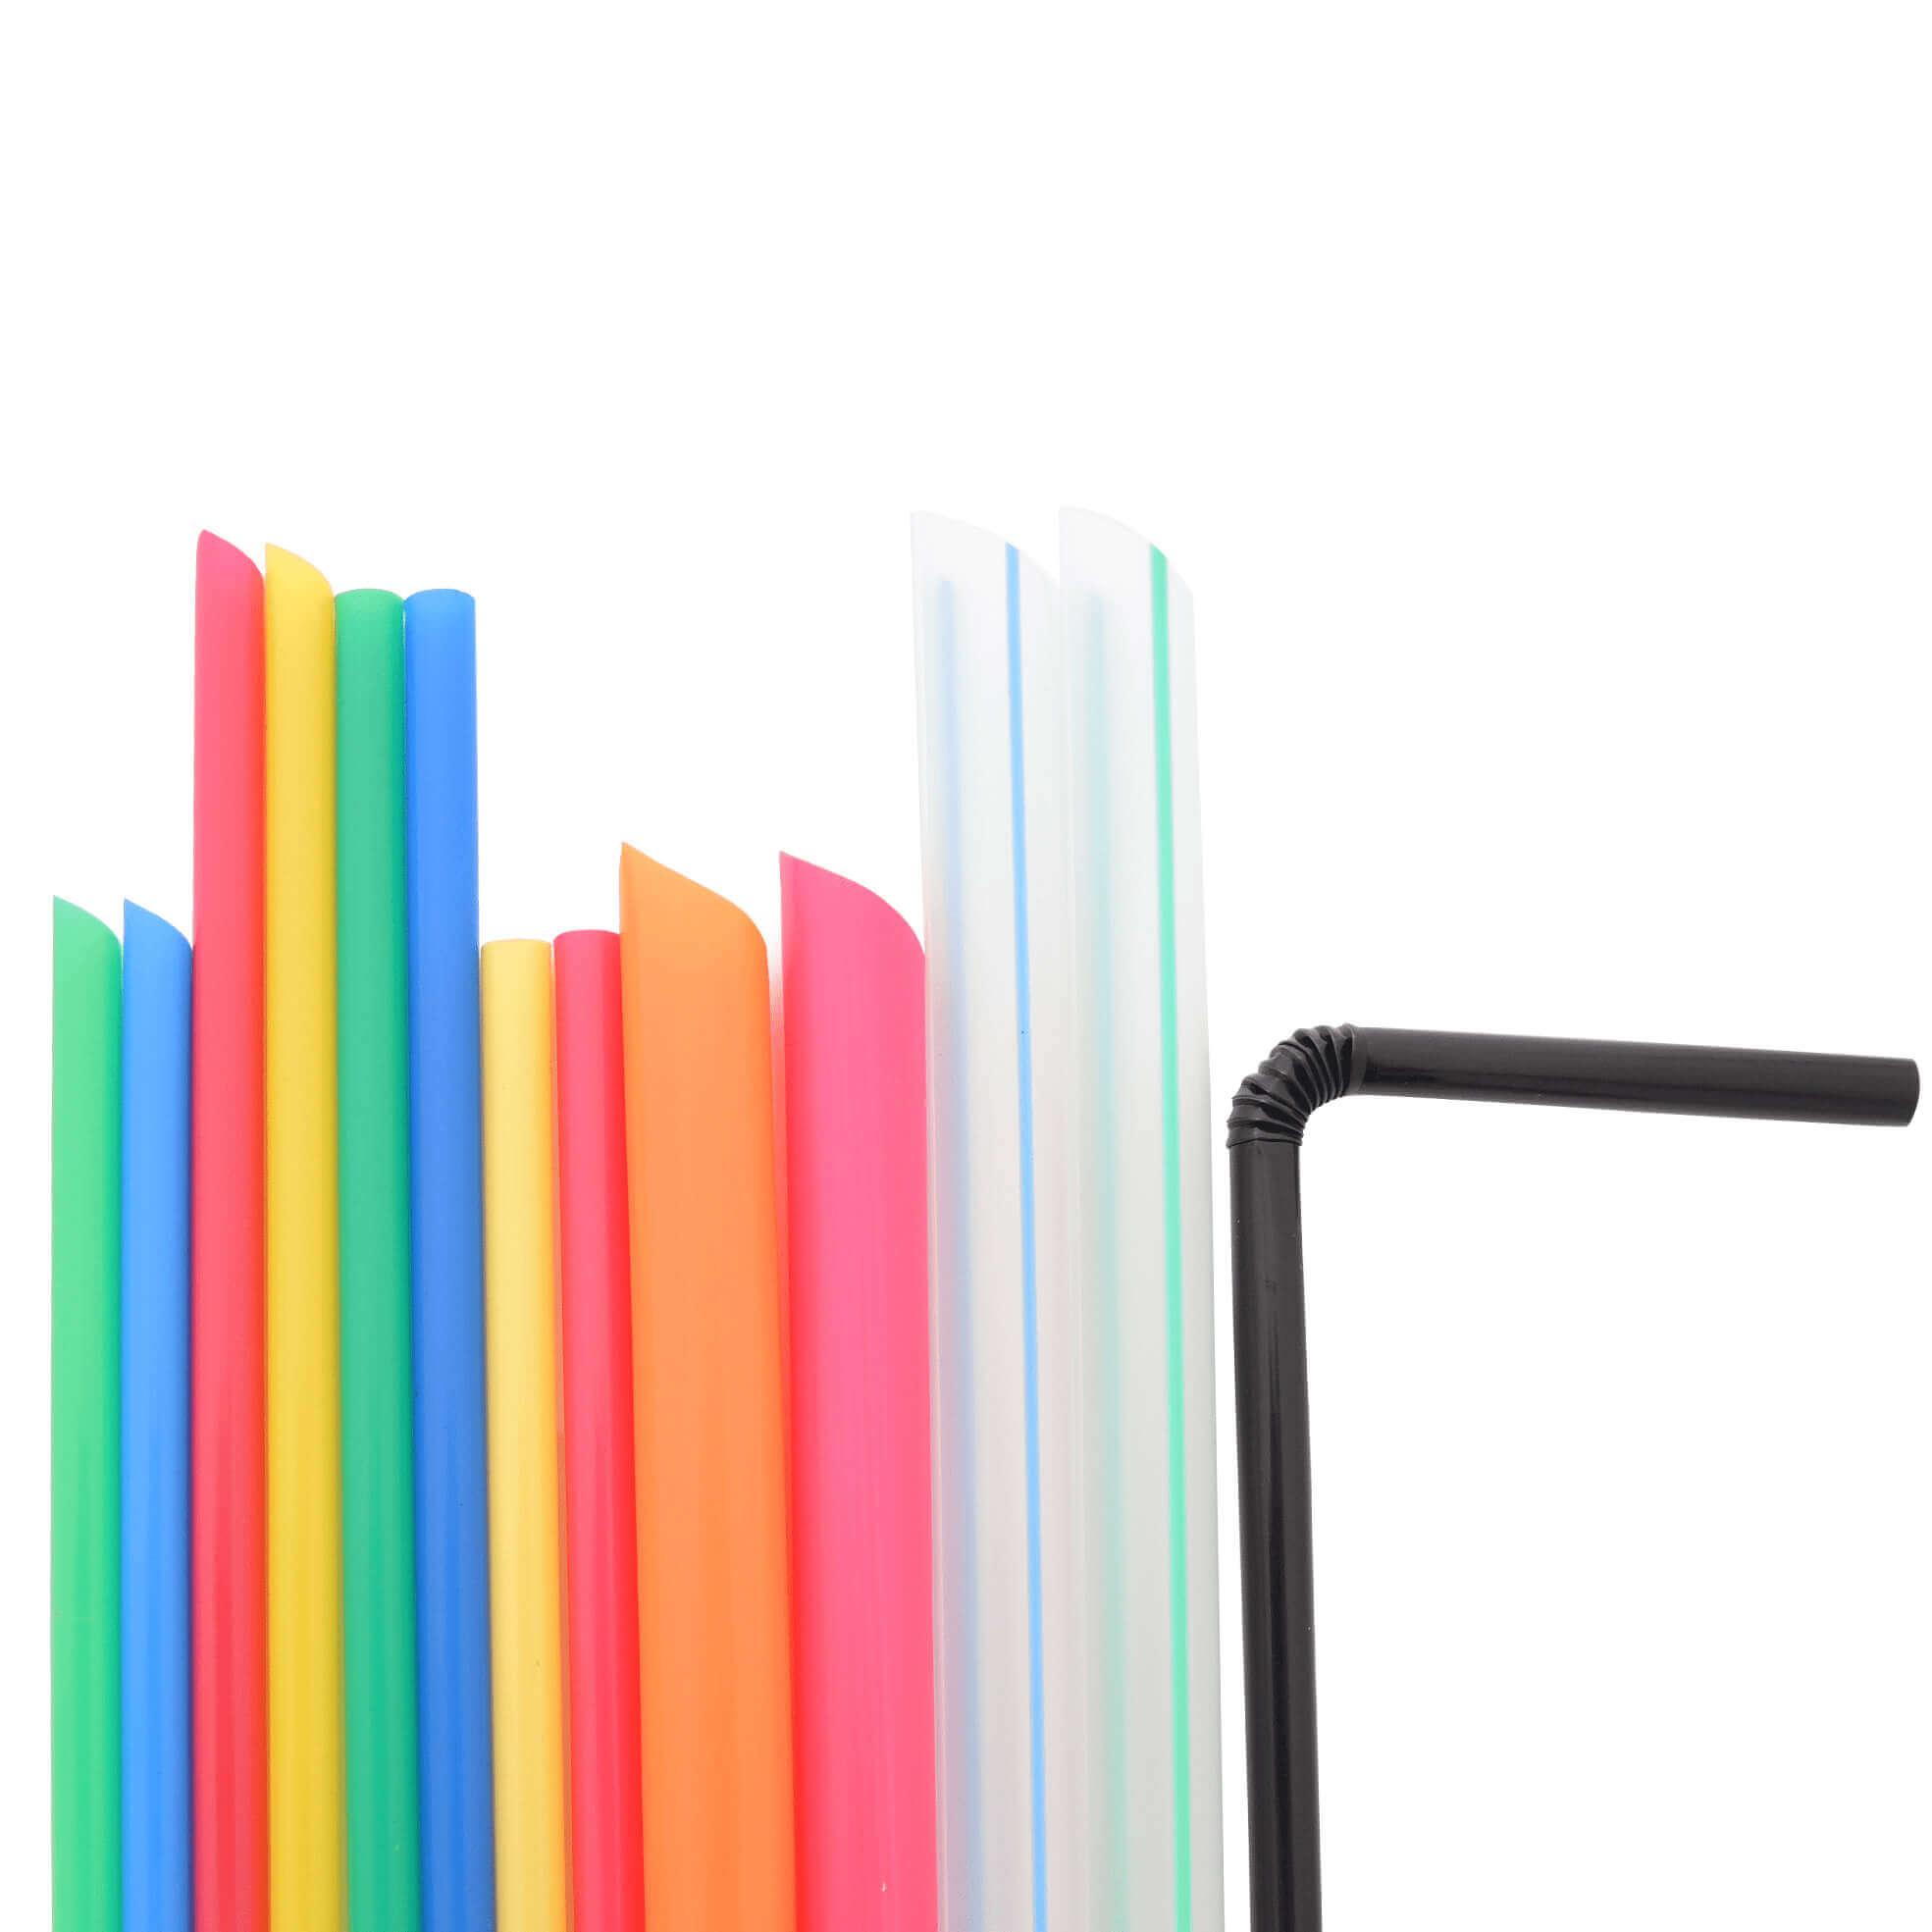 प्लास्टिक स्ट्रॉ - रंगीन प्लास्टिक स्ट्रॉ